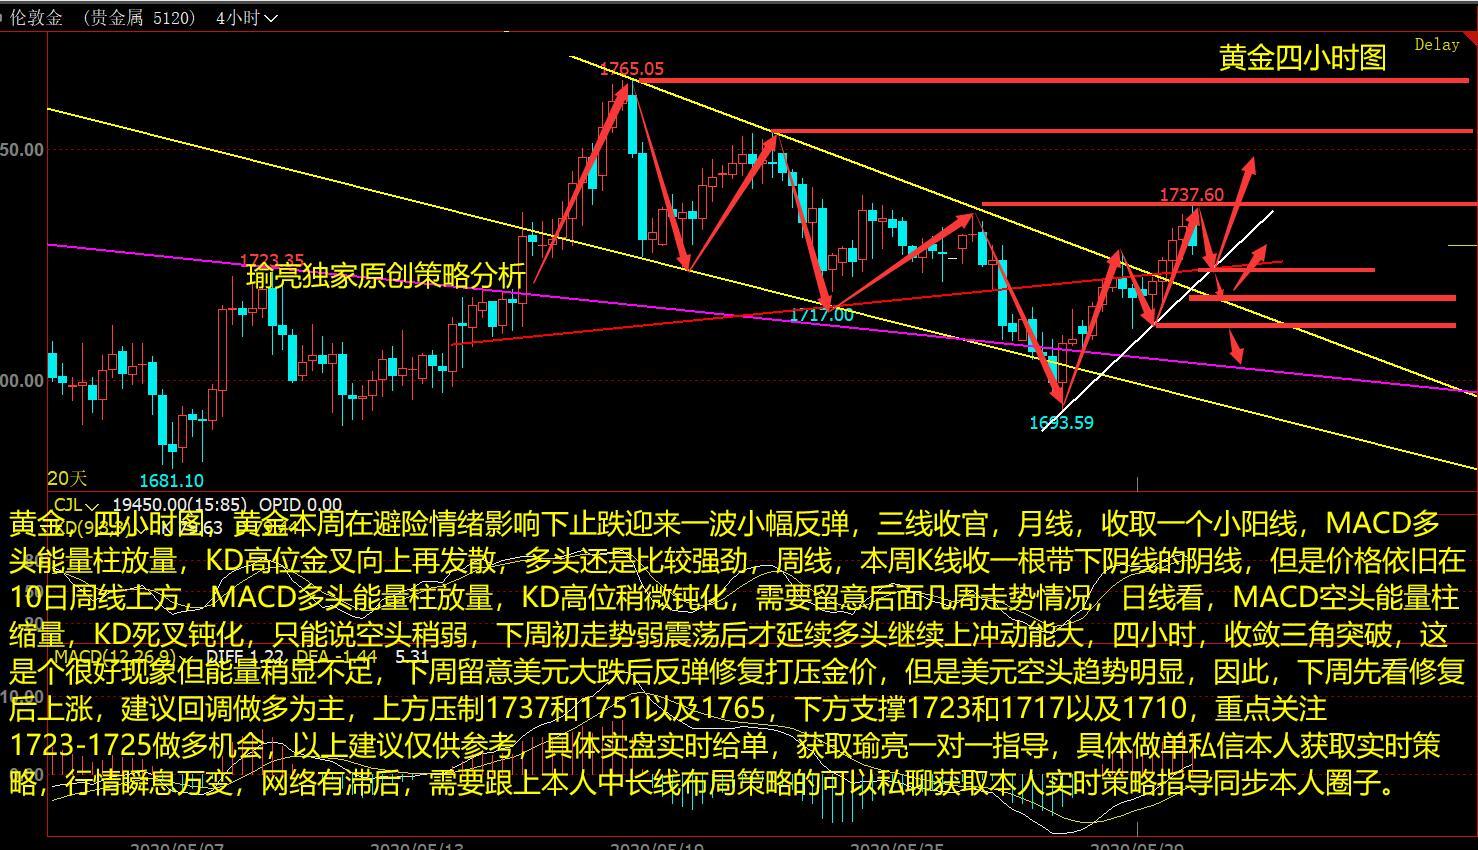 黄瑜亮:周评原油打破小区间迎突破 后市延续多头冲击40?